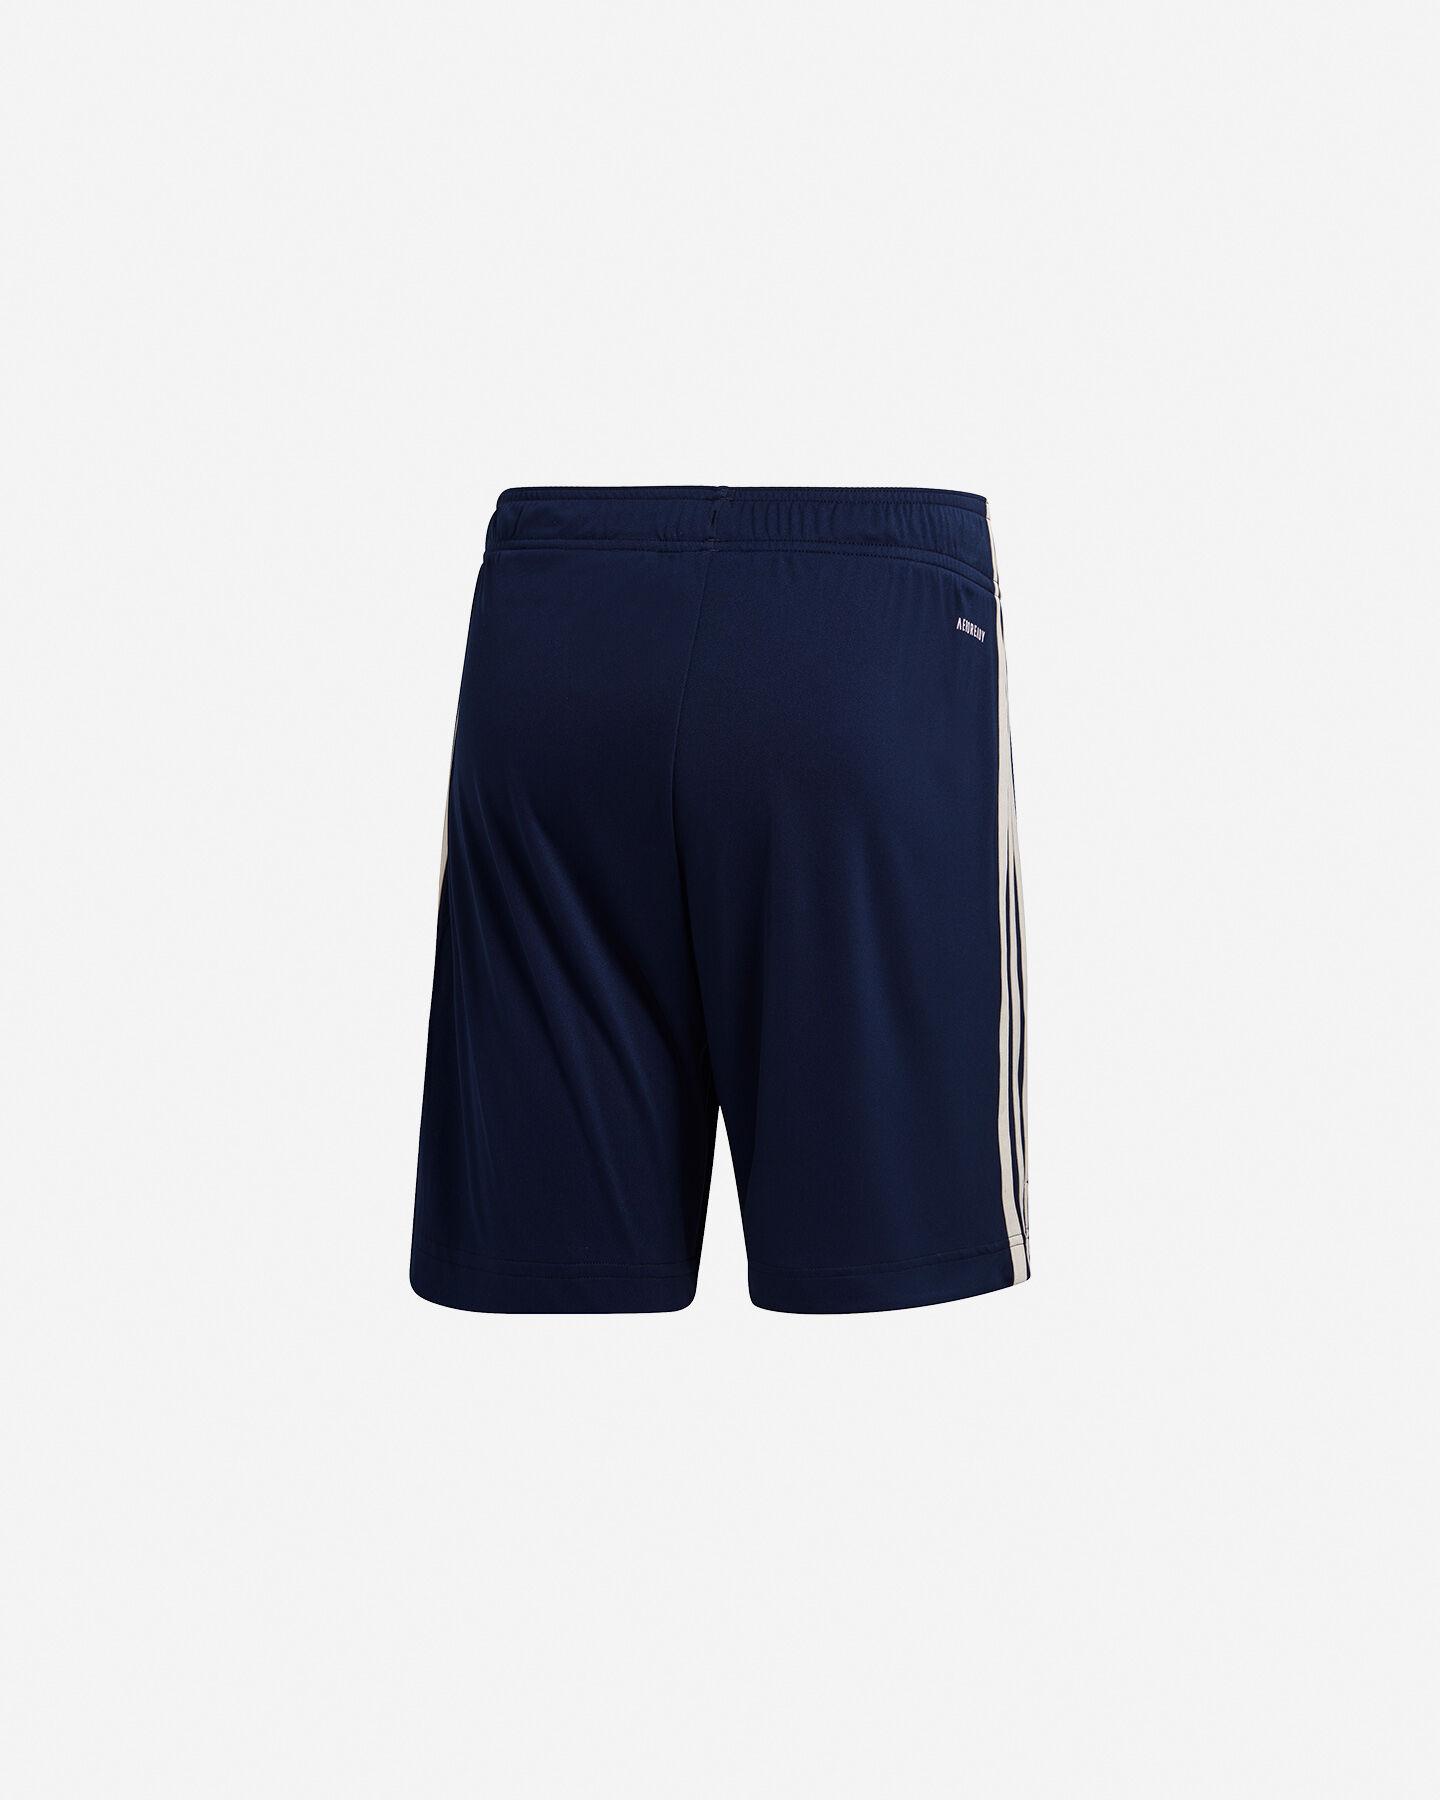 Pantaloncini calcio ADIDAS JUVENTUS AWAY 20-21 M S5217277 scatto 1